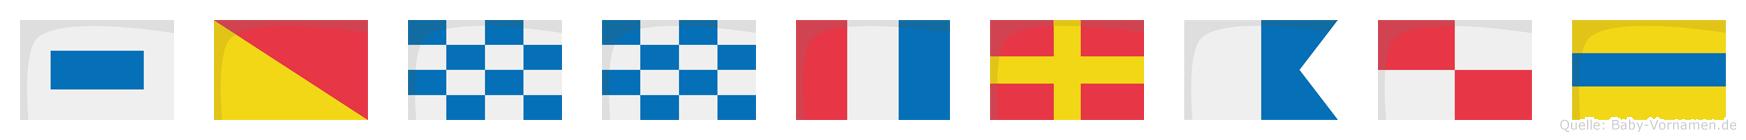 Sonntraud im Flaggenalphabet